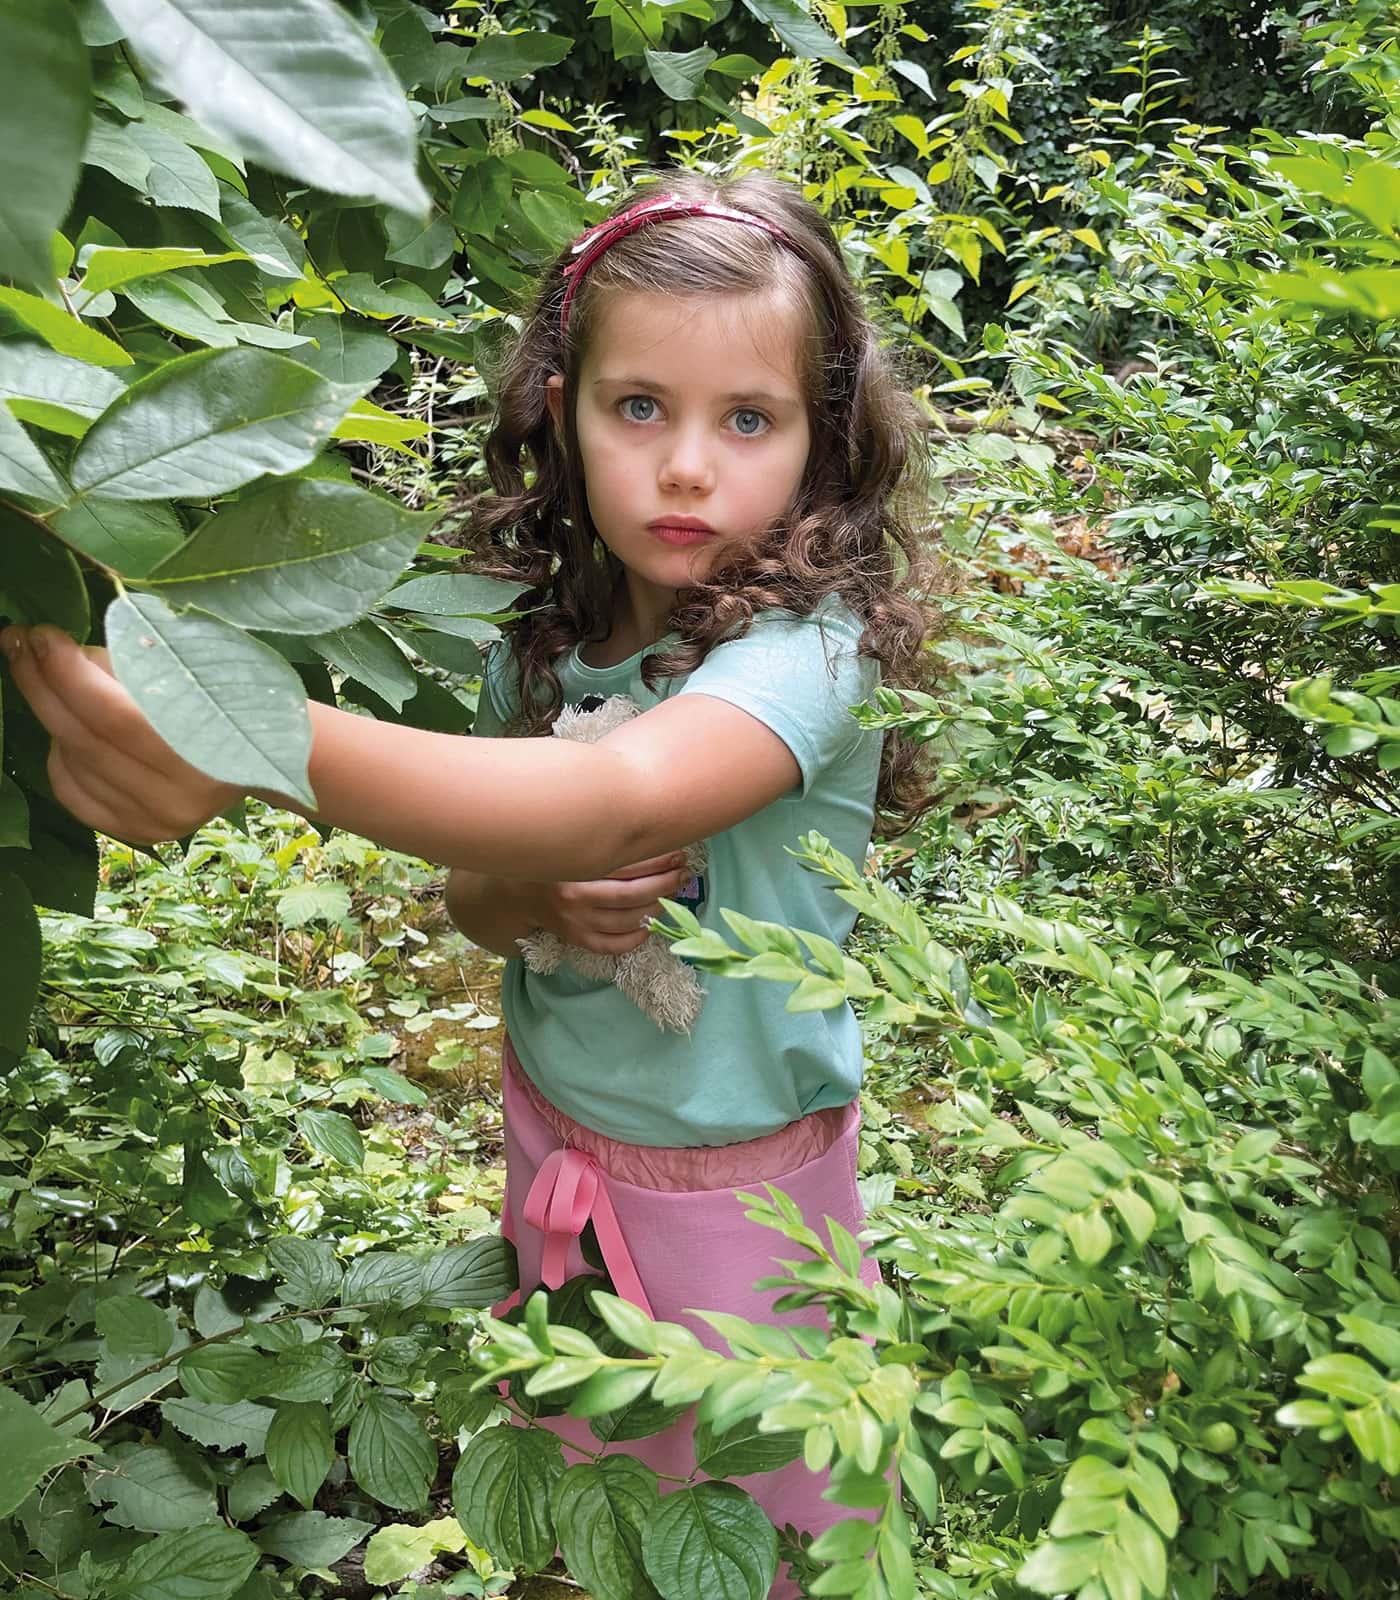 Kindermeinungen zu Umweltschutz, Klimaschutz, Zukunftsgedanken: Vivienne // HIMBEER